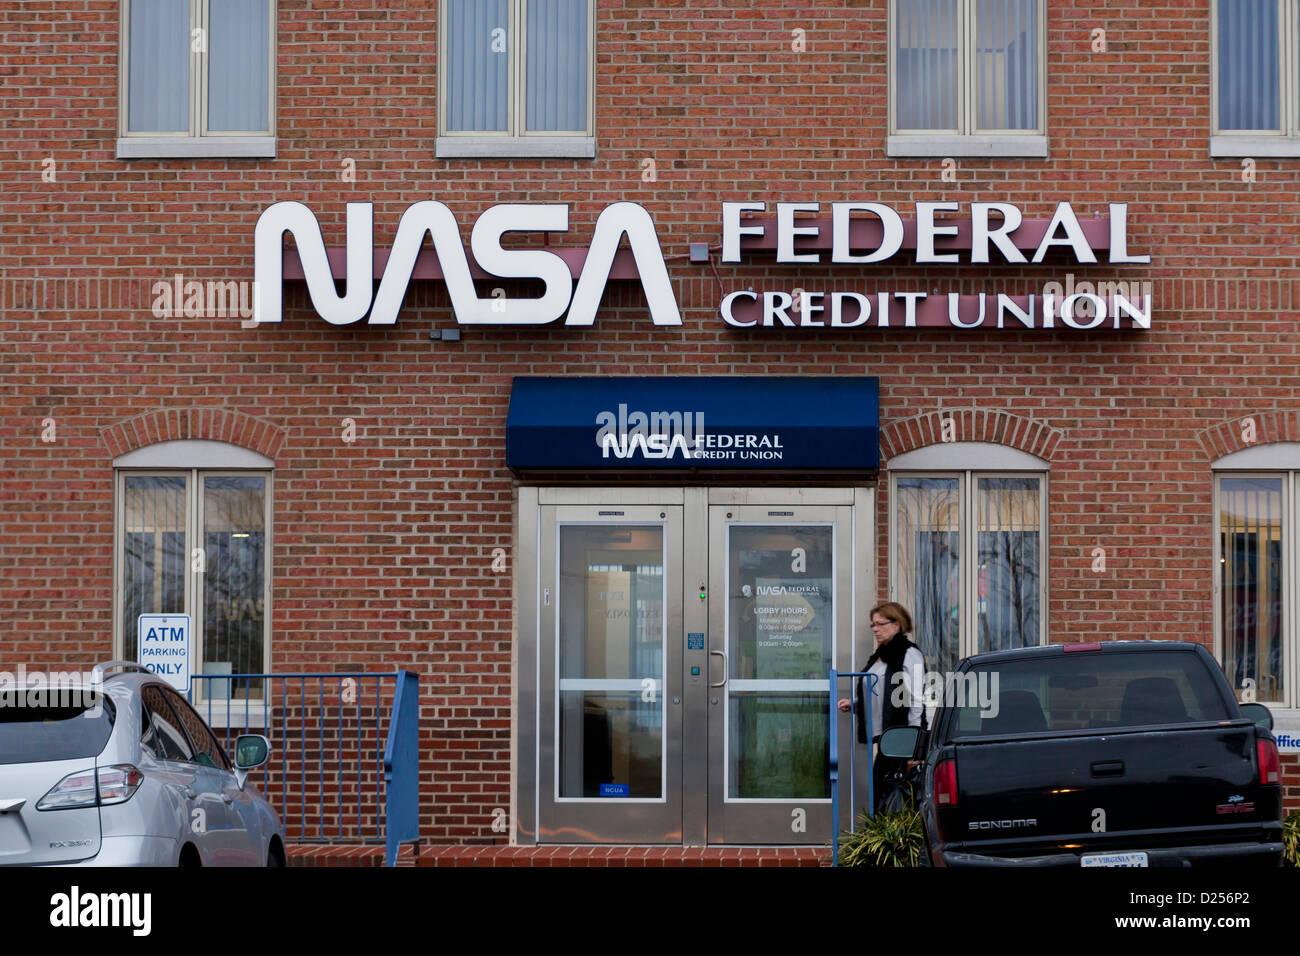 NASA Federal Credit Union Building Imagen De Stock